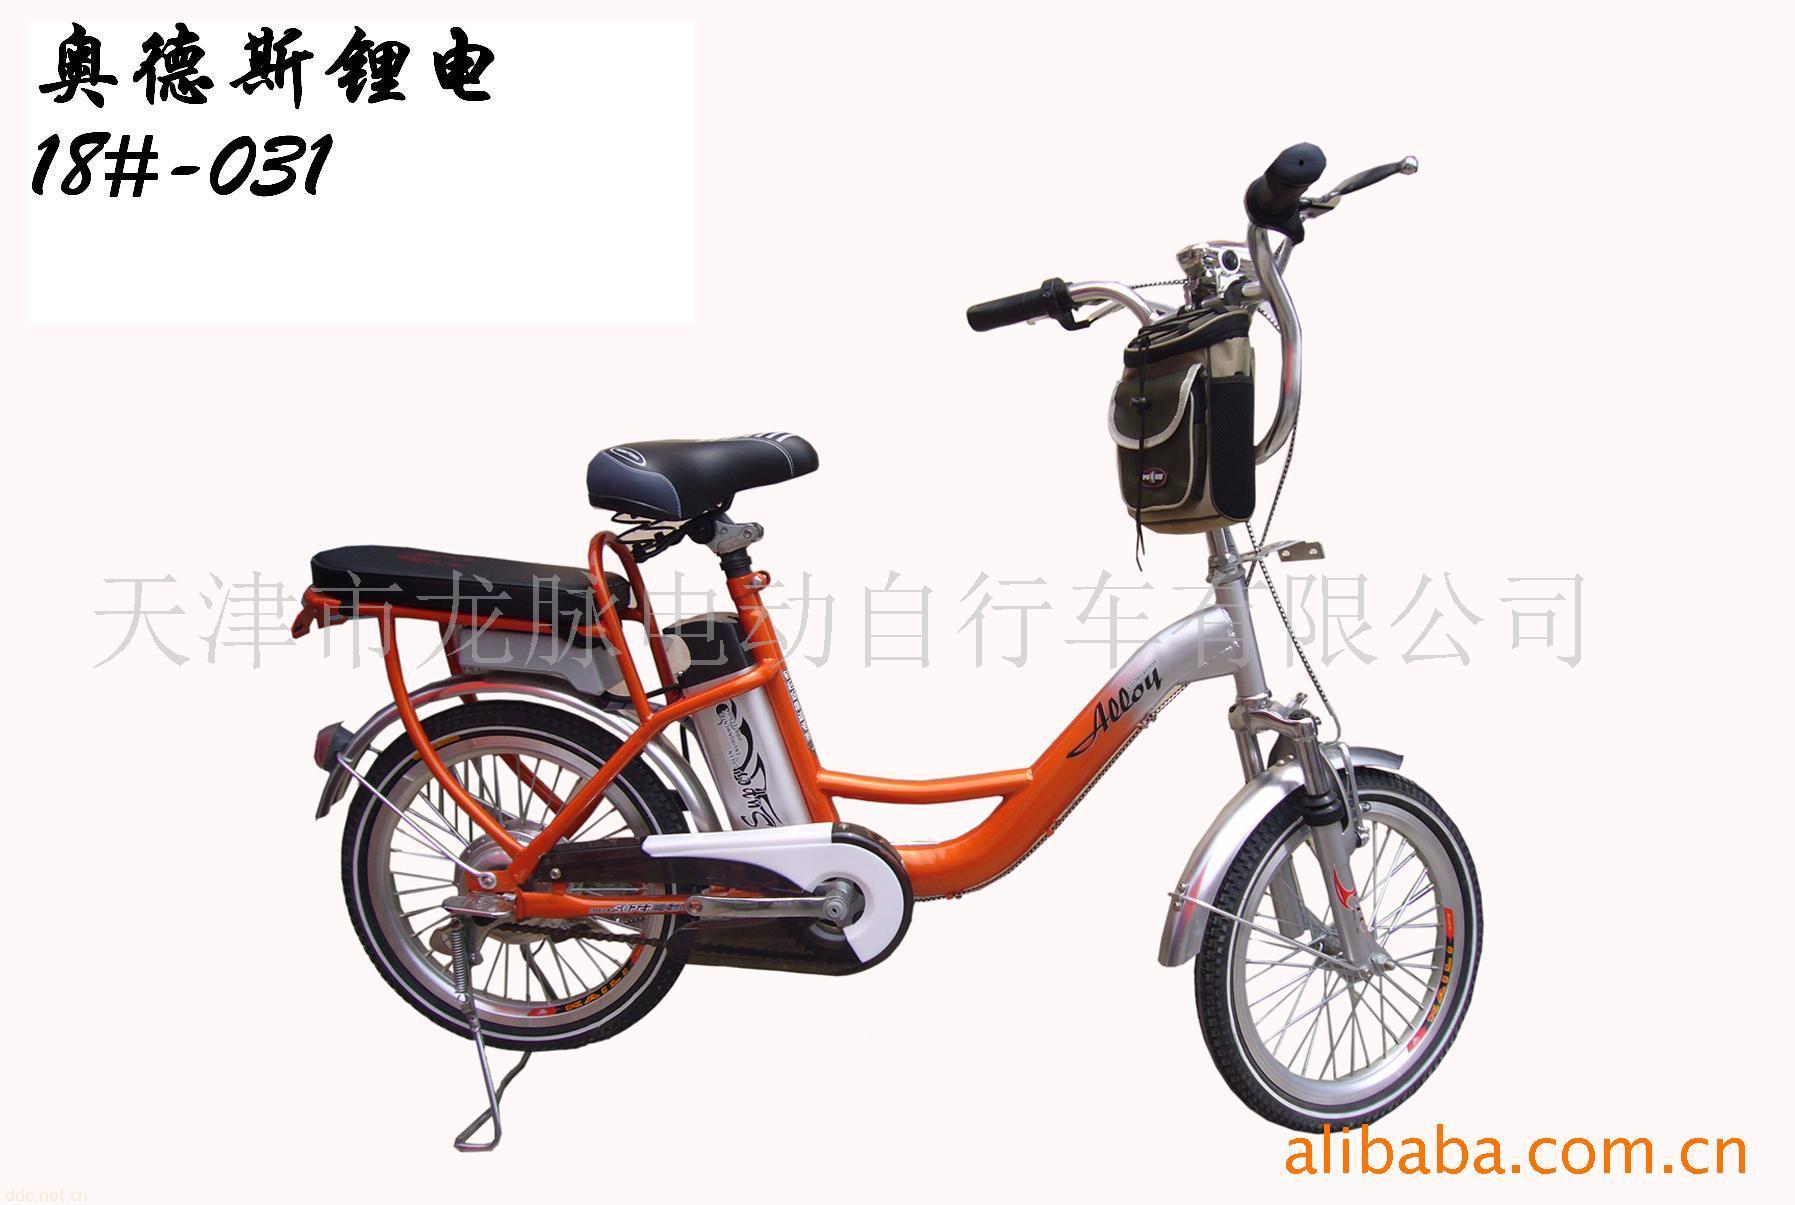 电动自行车无刷电机_天津奥德斯锂电池电动自行车-天津市龙脉电动自行车有限公司